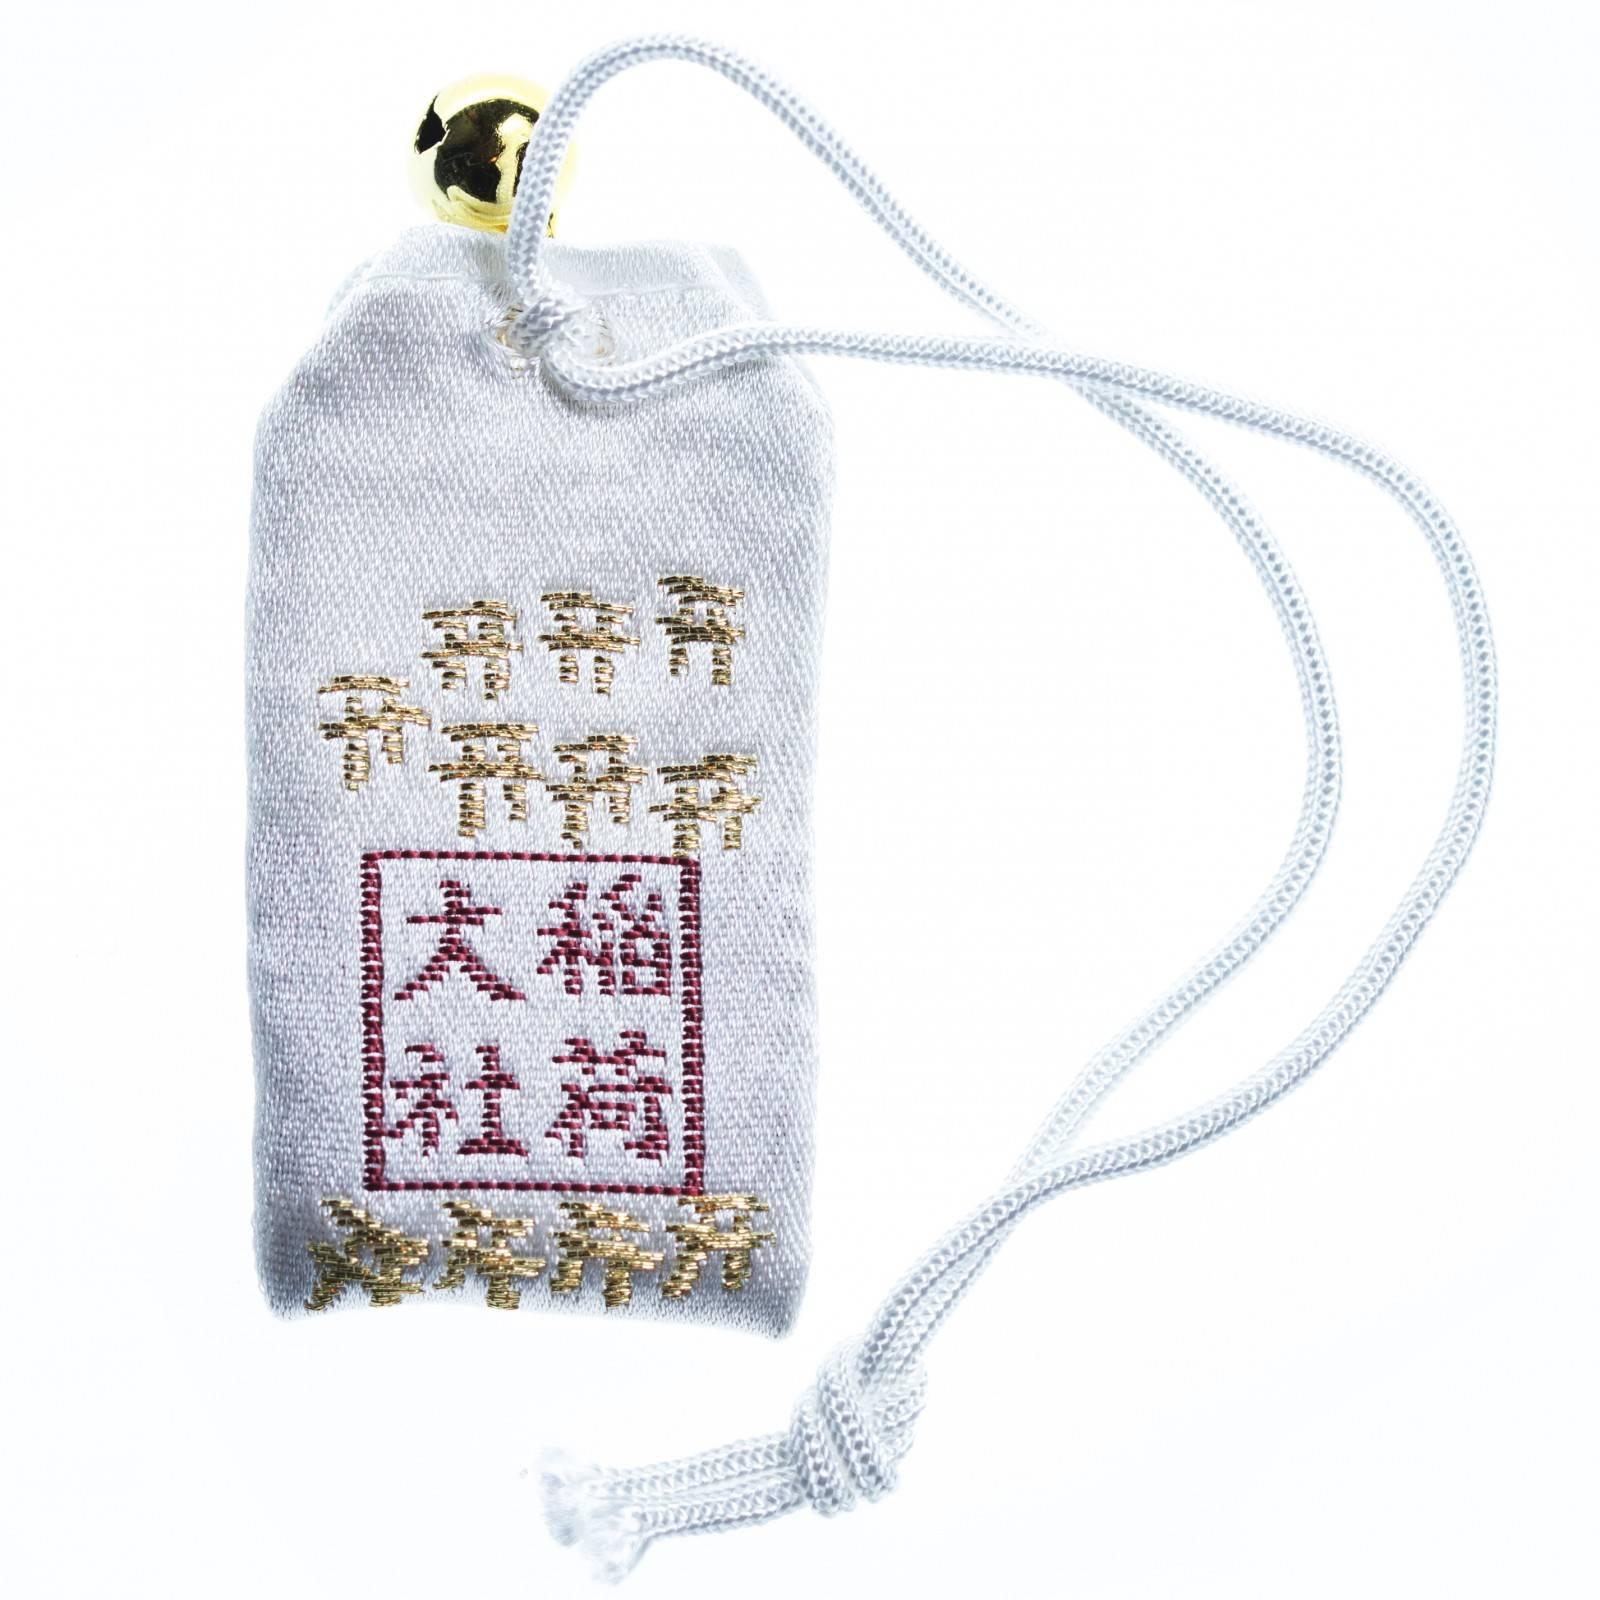 Японские талисманы - обереги, символы амулеты для мужчин и женщин